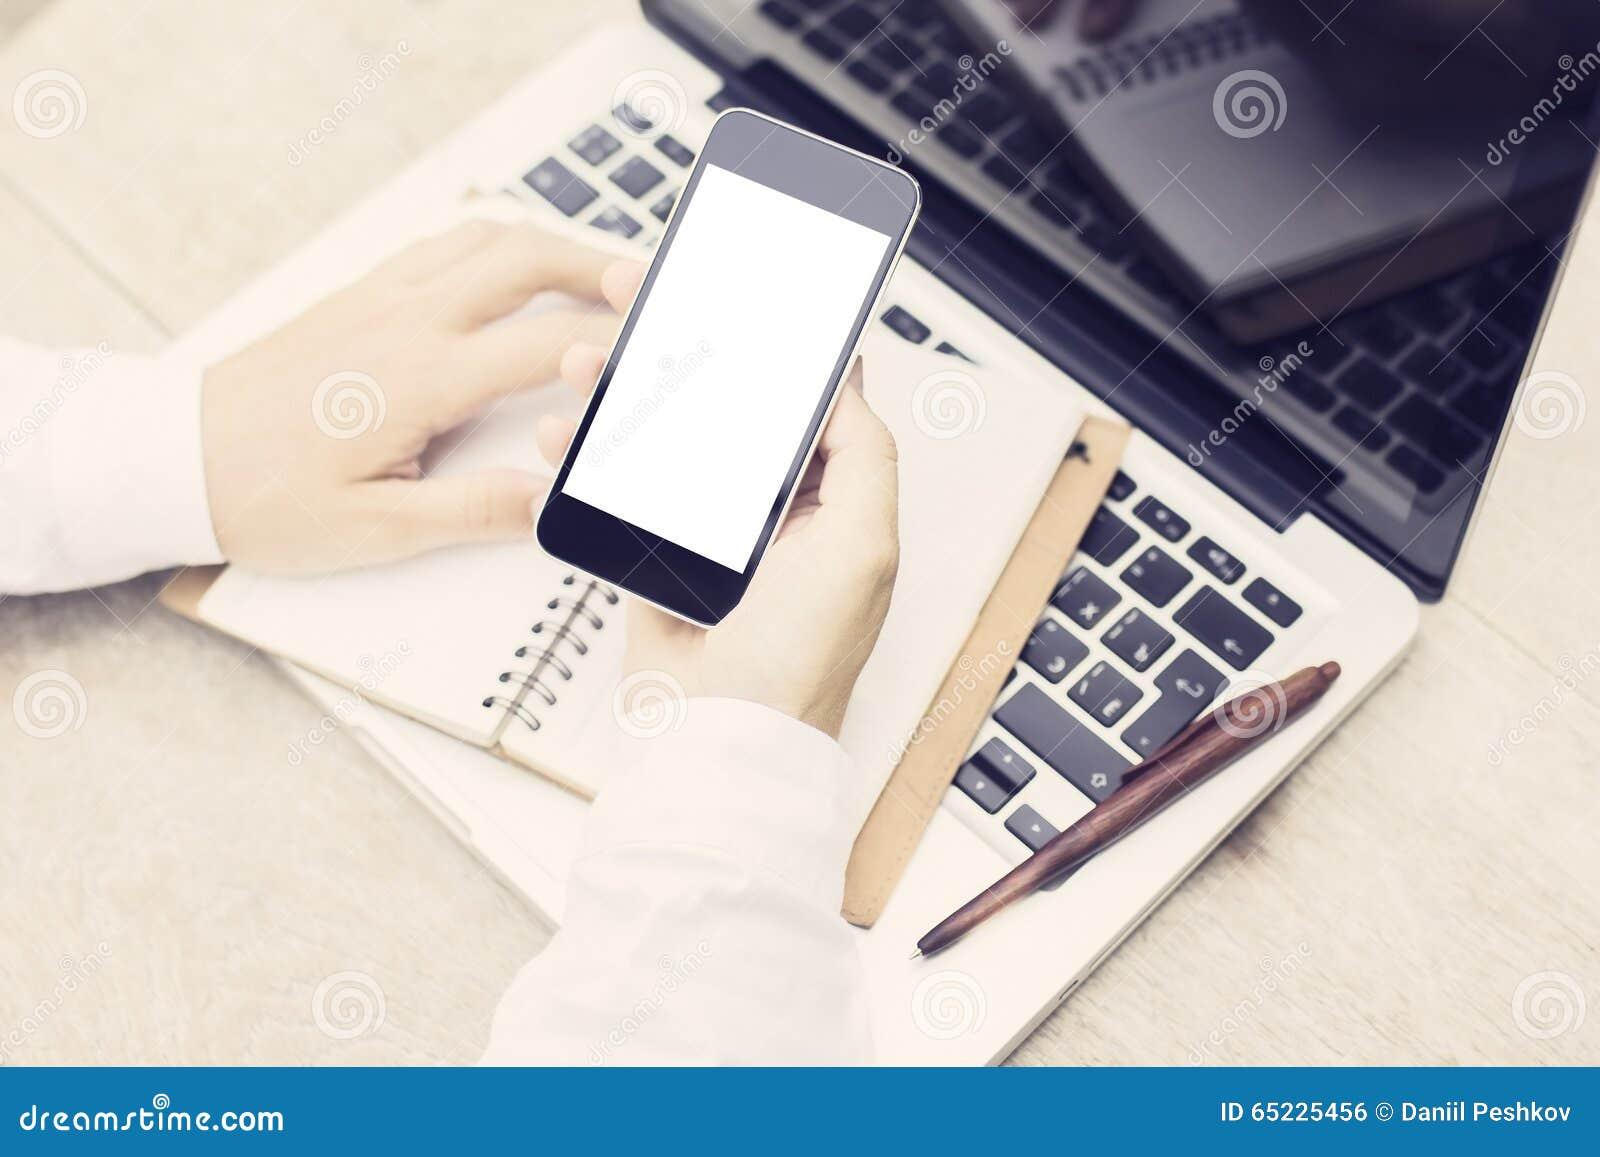 Mężczyzna z pustym telefonem komórkowym, laptopem i dzienniczkiem na drewnianym stole, moc